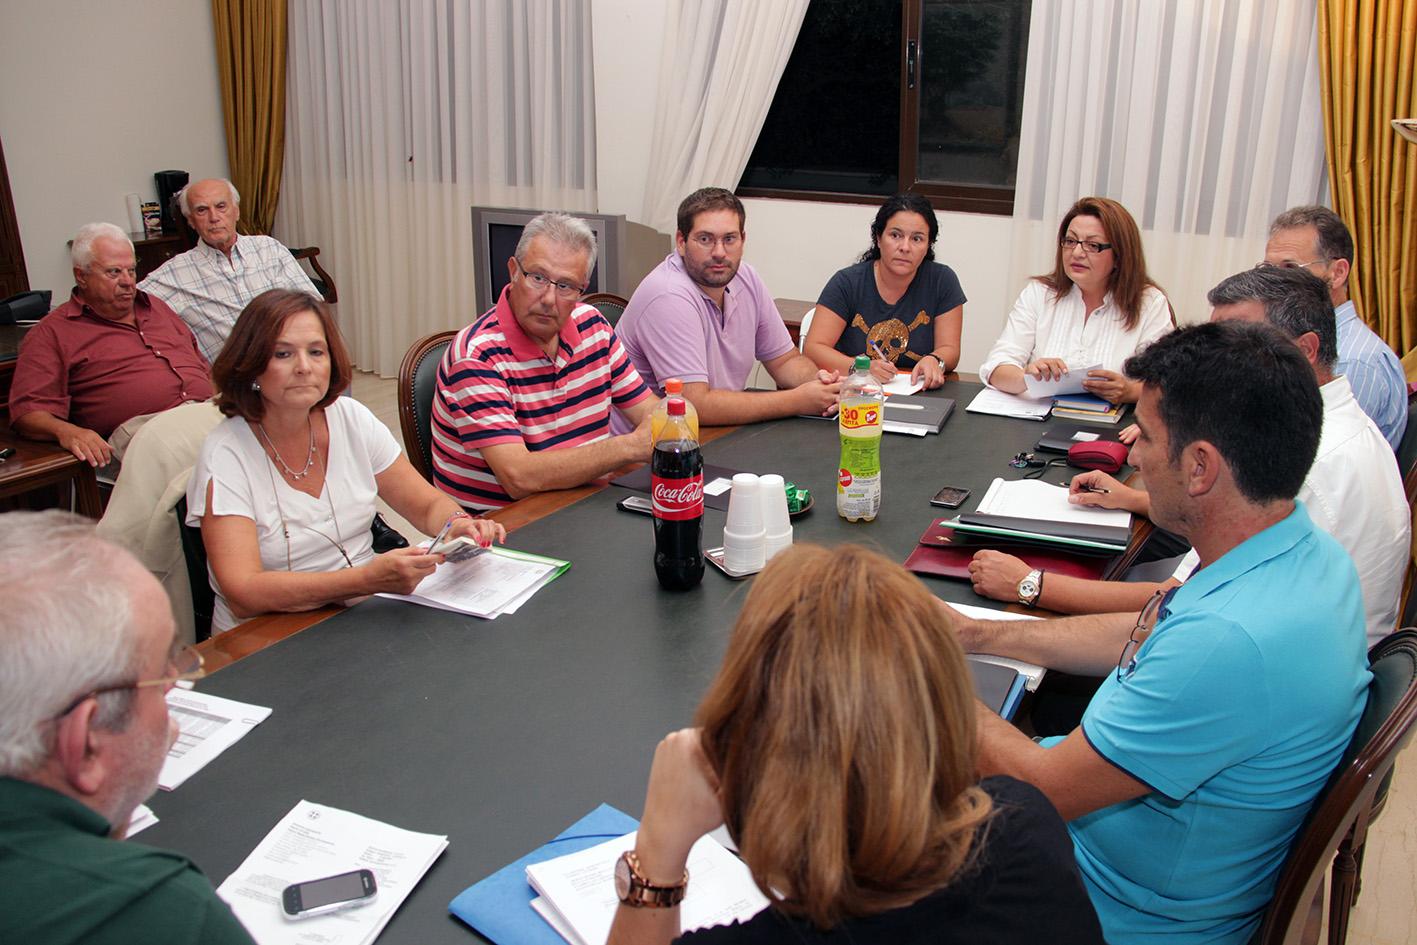 Τη μουσική στην Ακτή της Βάρκιζας συζητά το Τοπικό Συμβούλιο